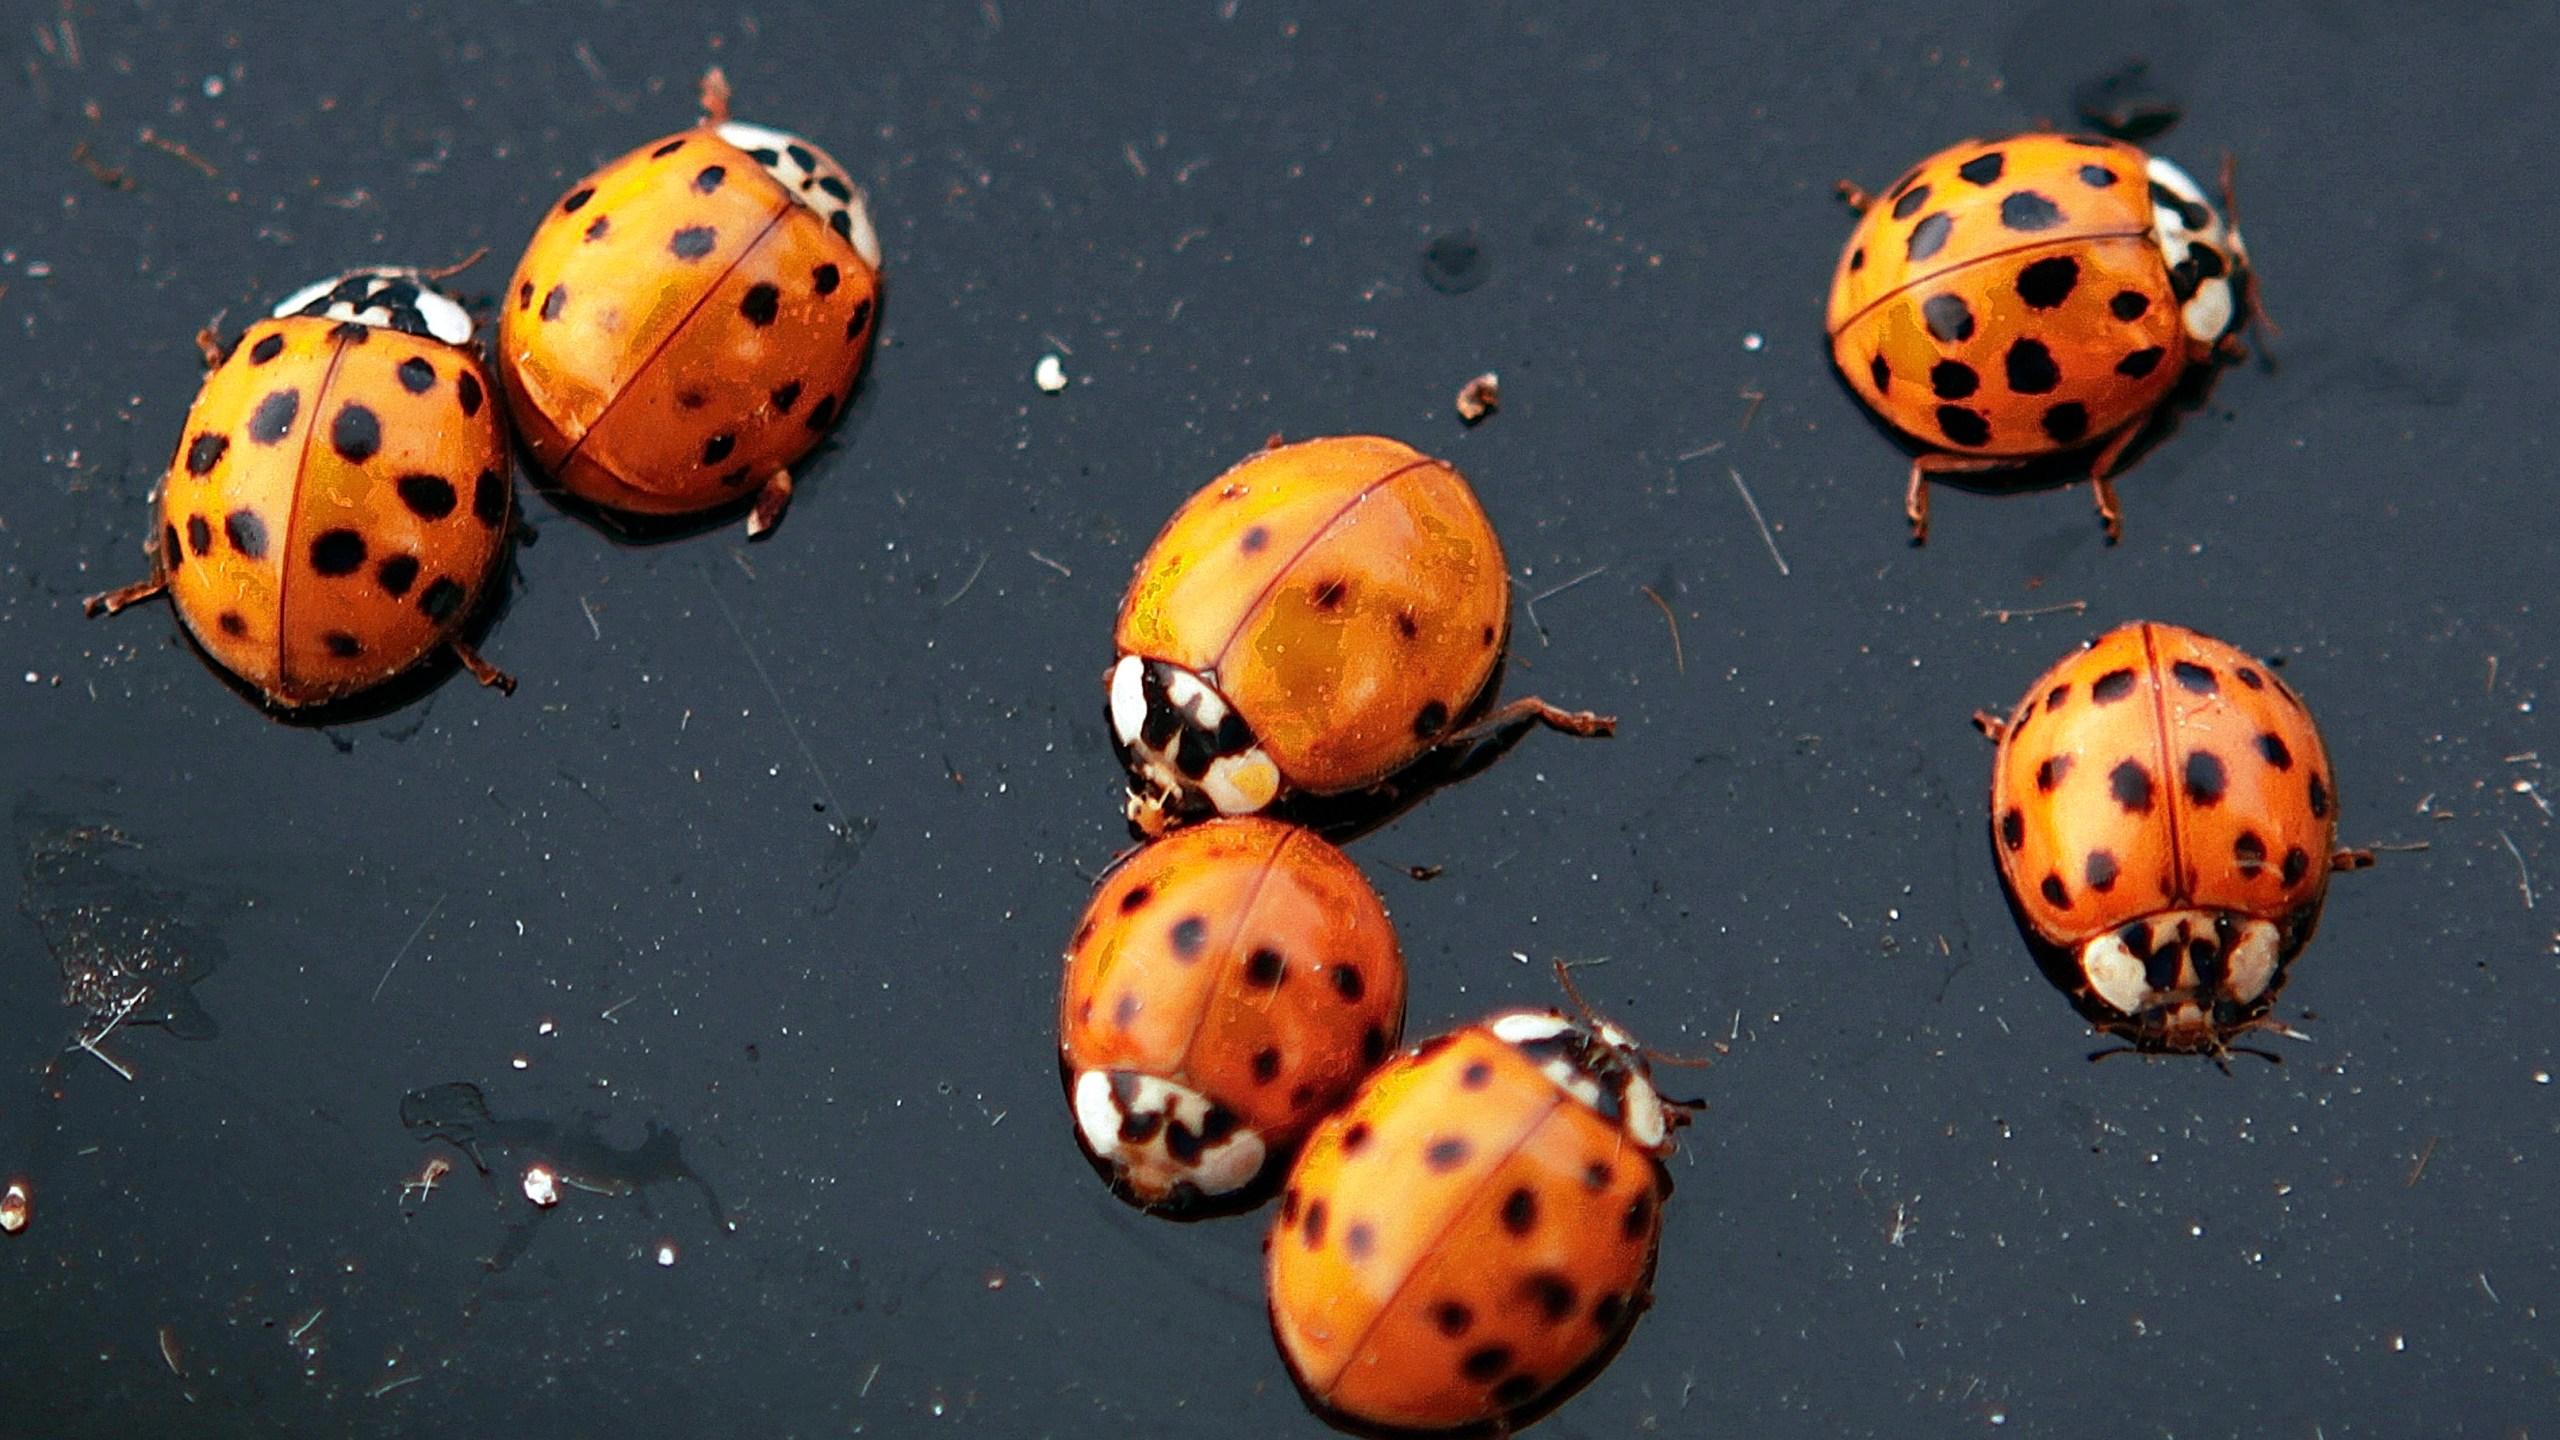 Ladybug Swarm_1559851914998